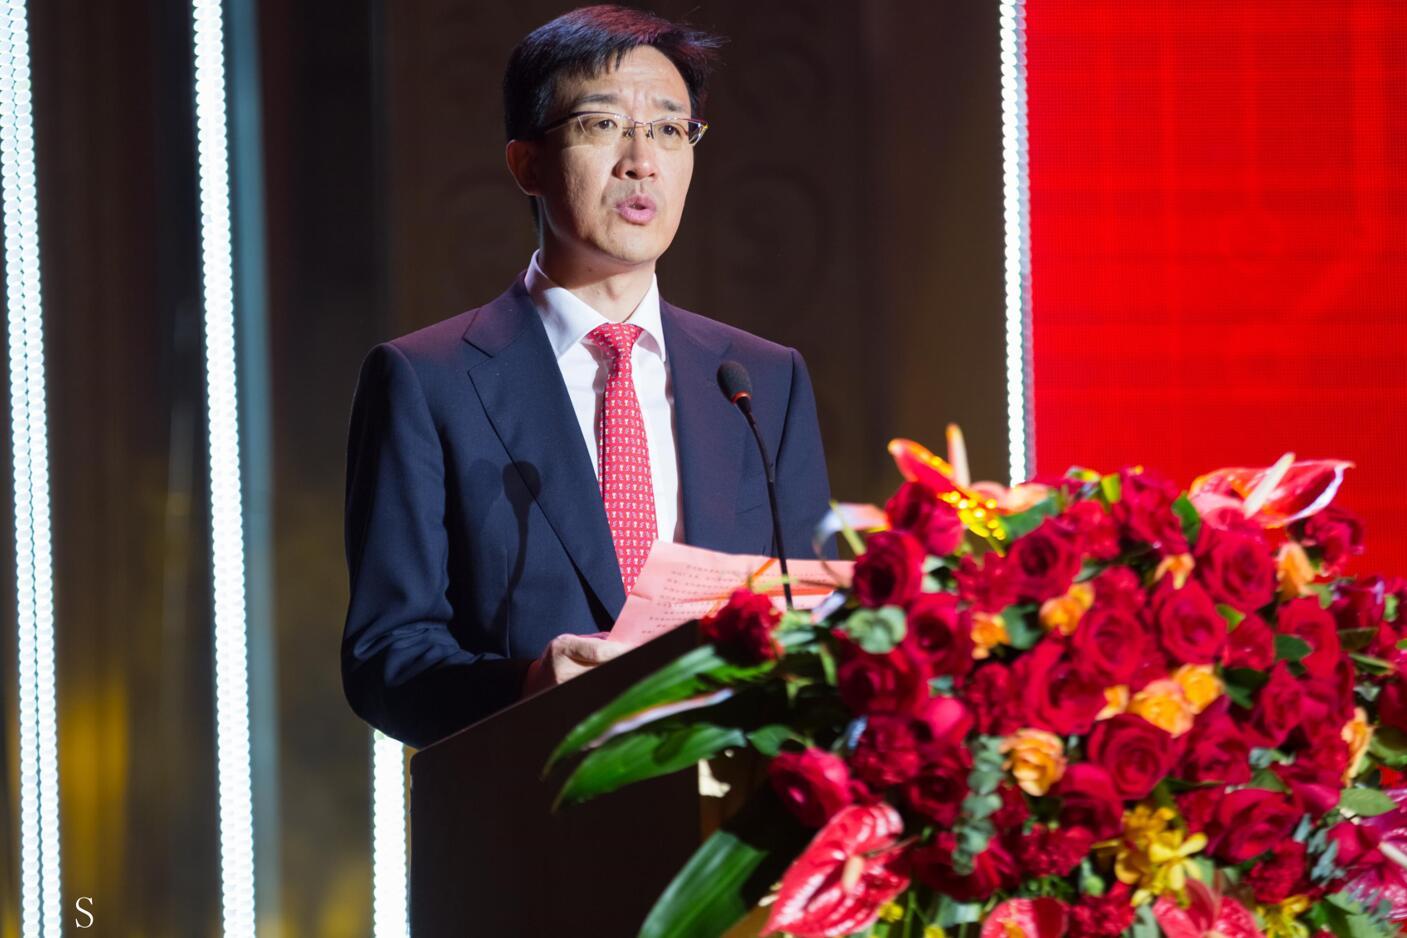 姜雪飞:致力于环境保护